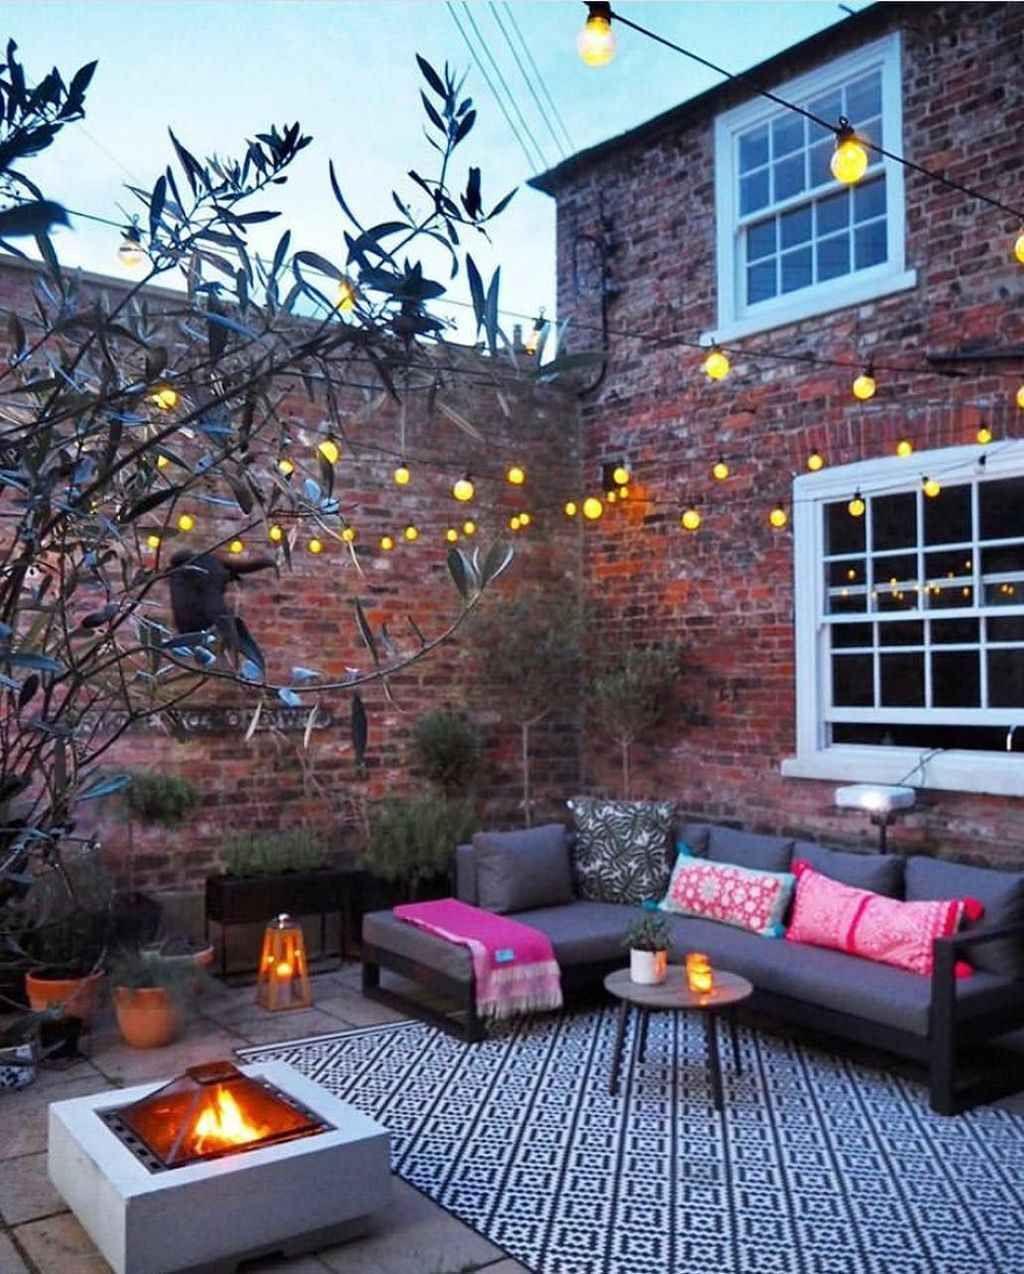 95 Small Courtyard Garden with Seating Area Design Ideas #smallcourtyardgardens